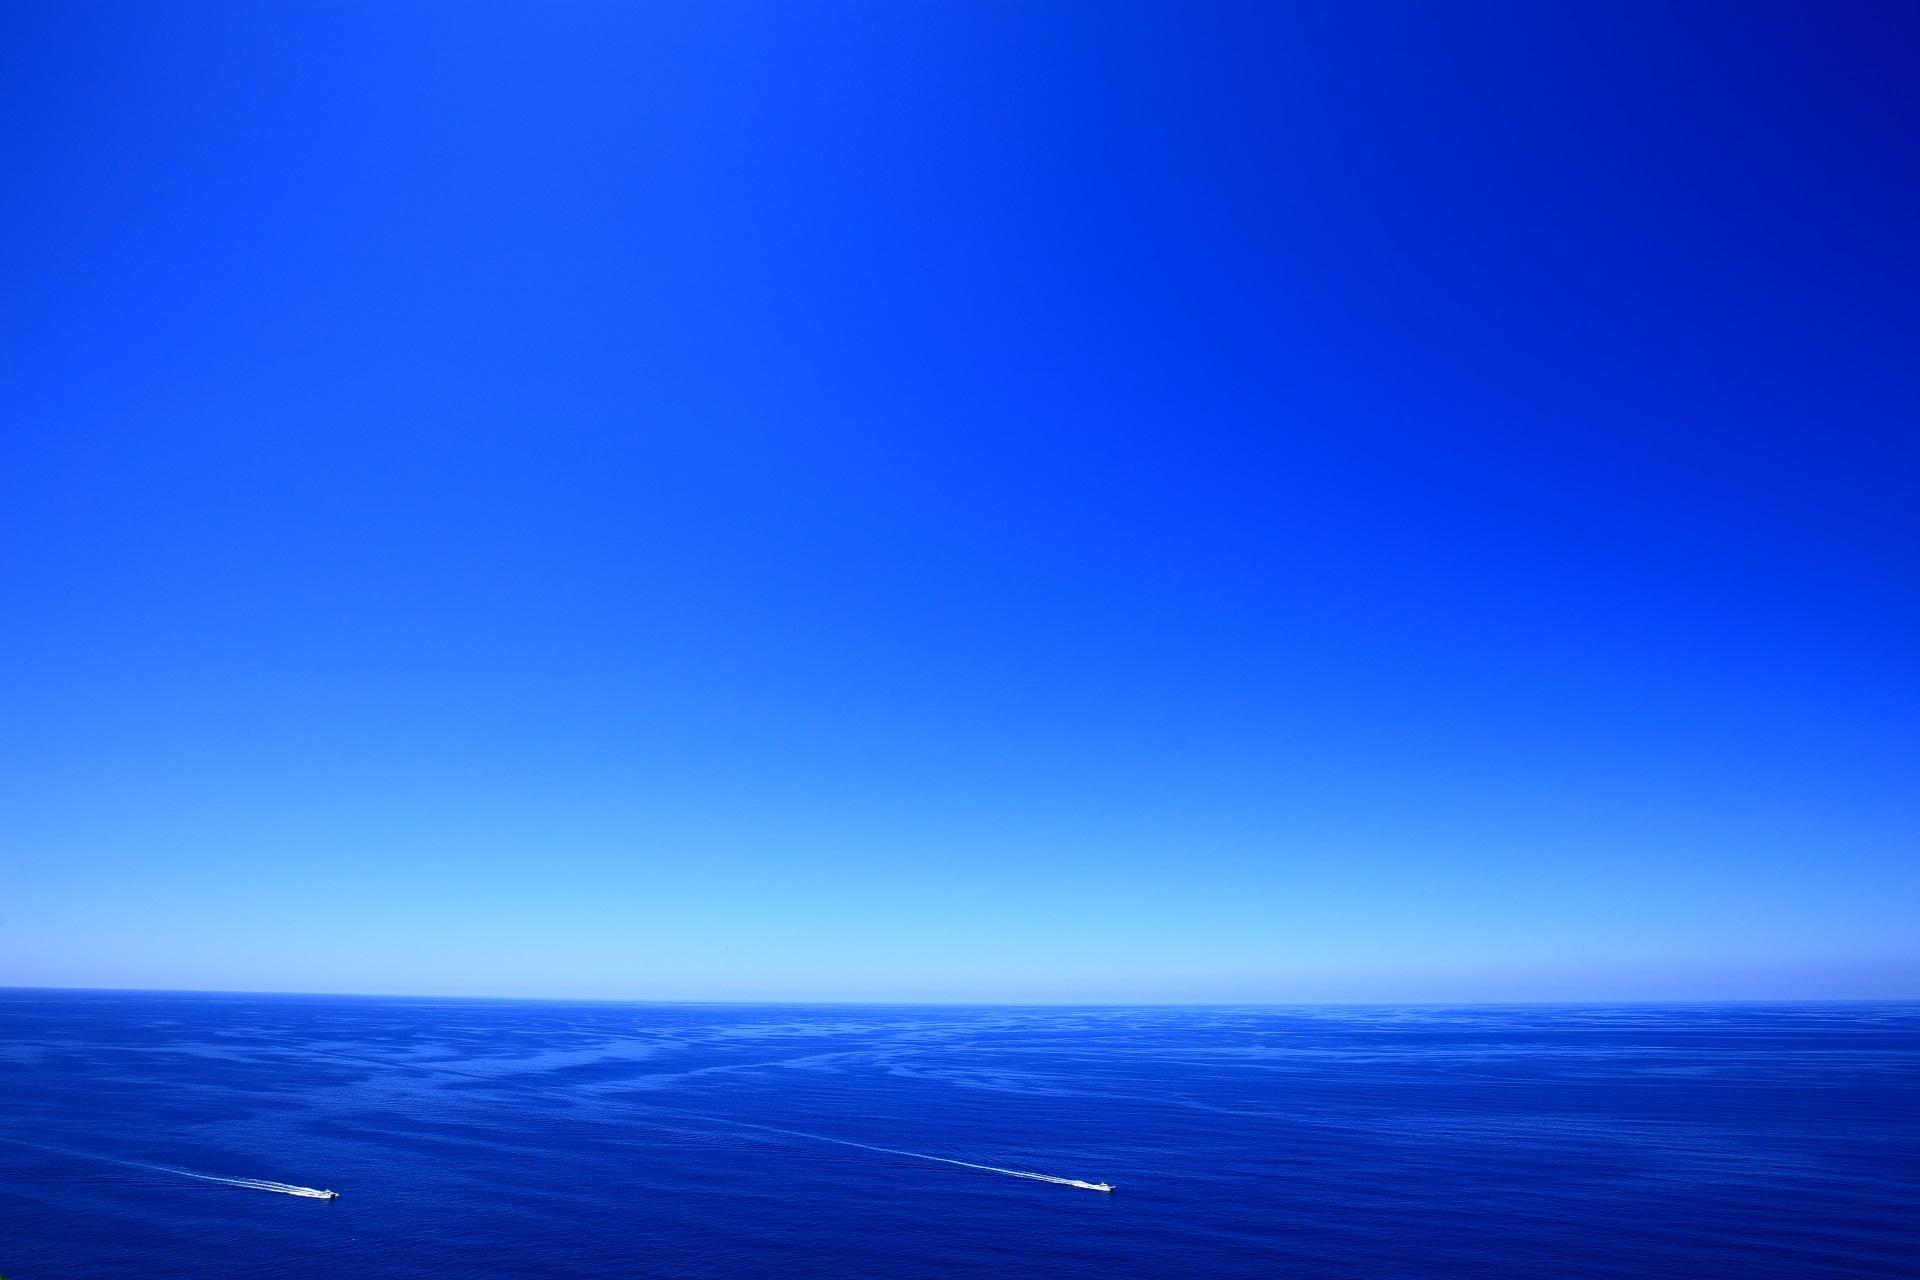 経ヶ岬から眺める青い海と船